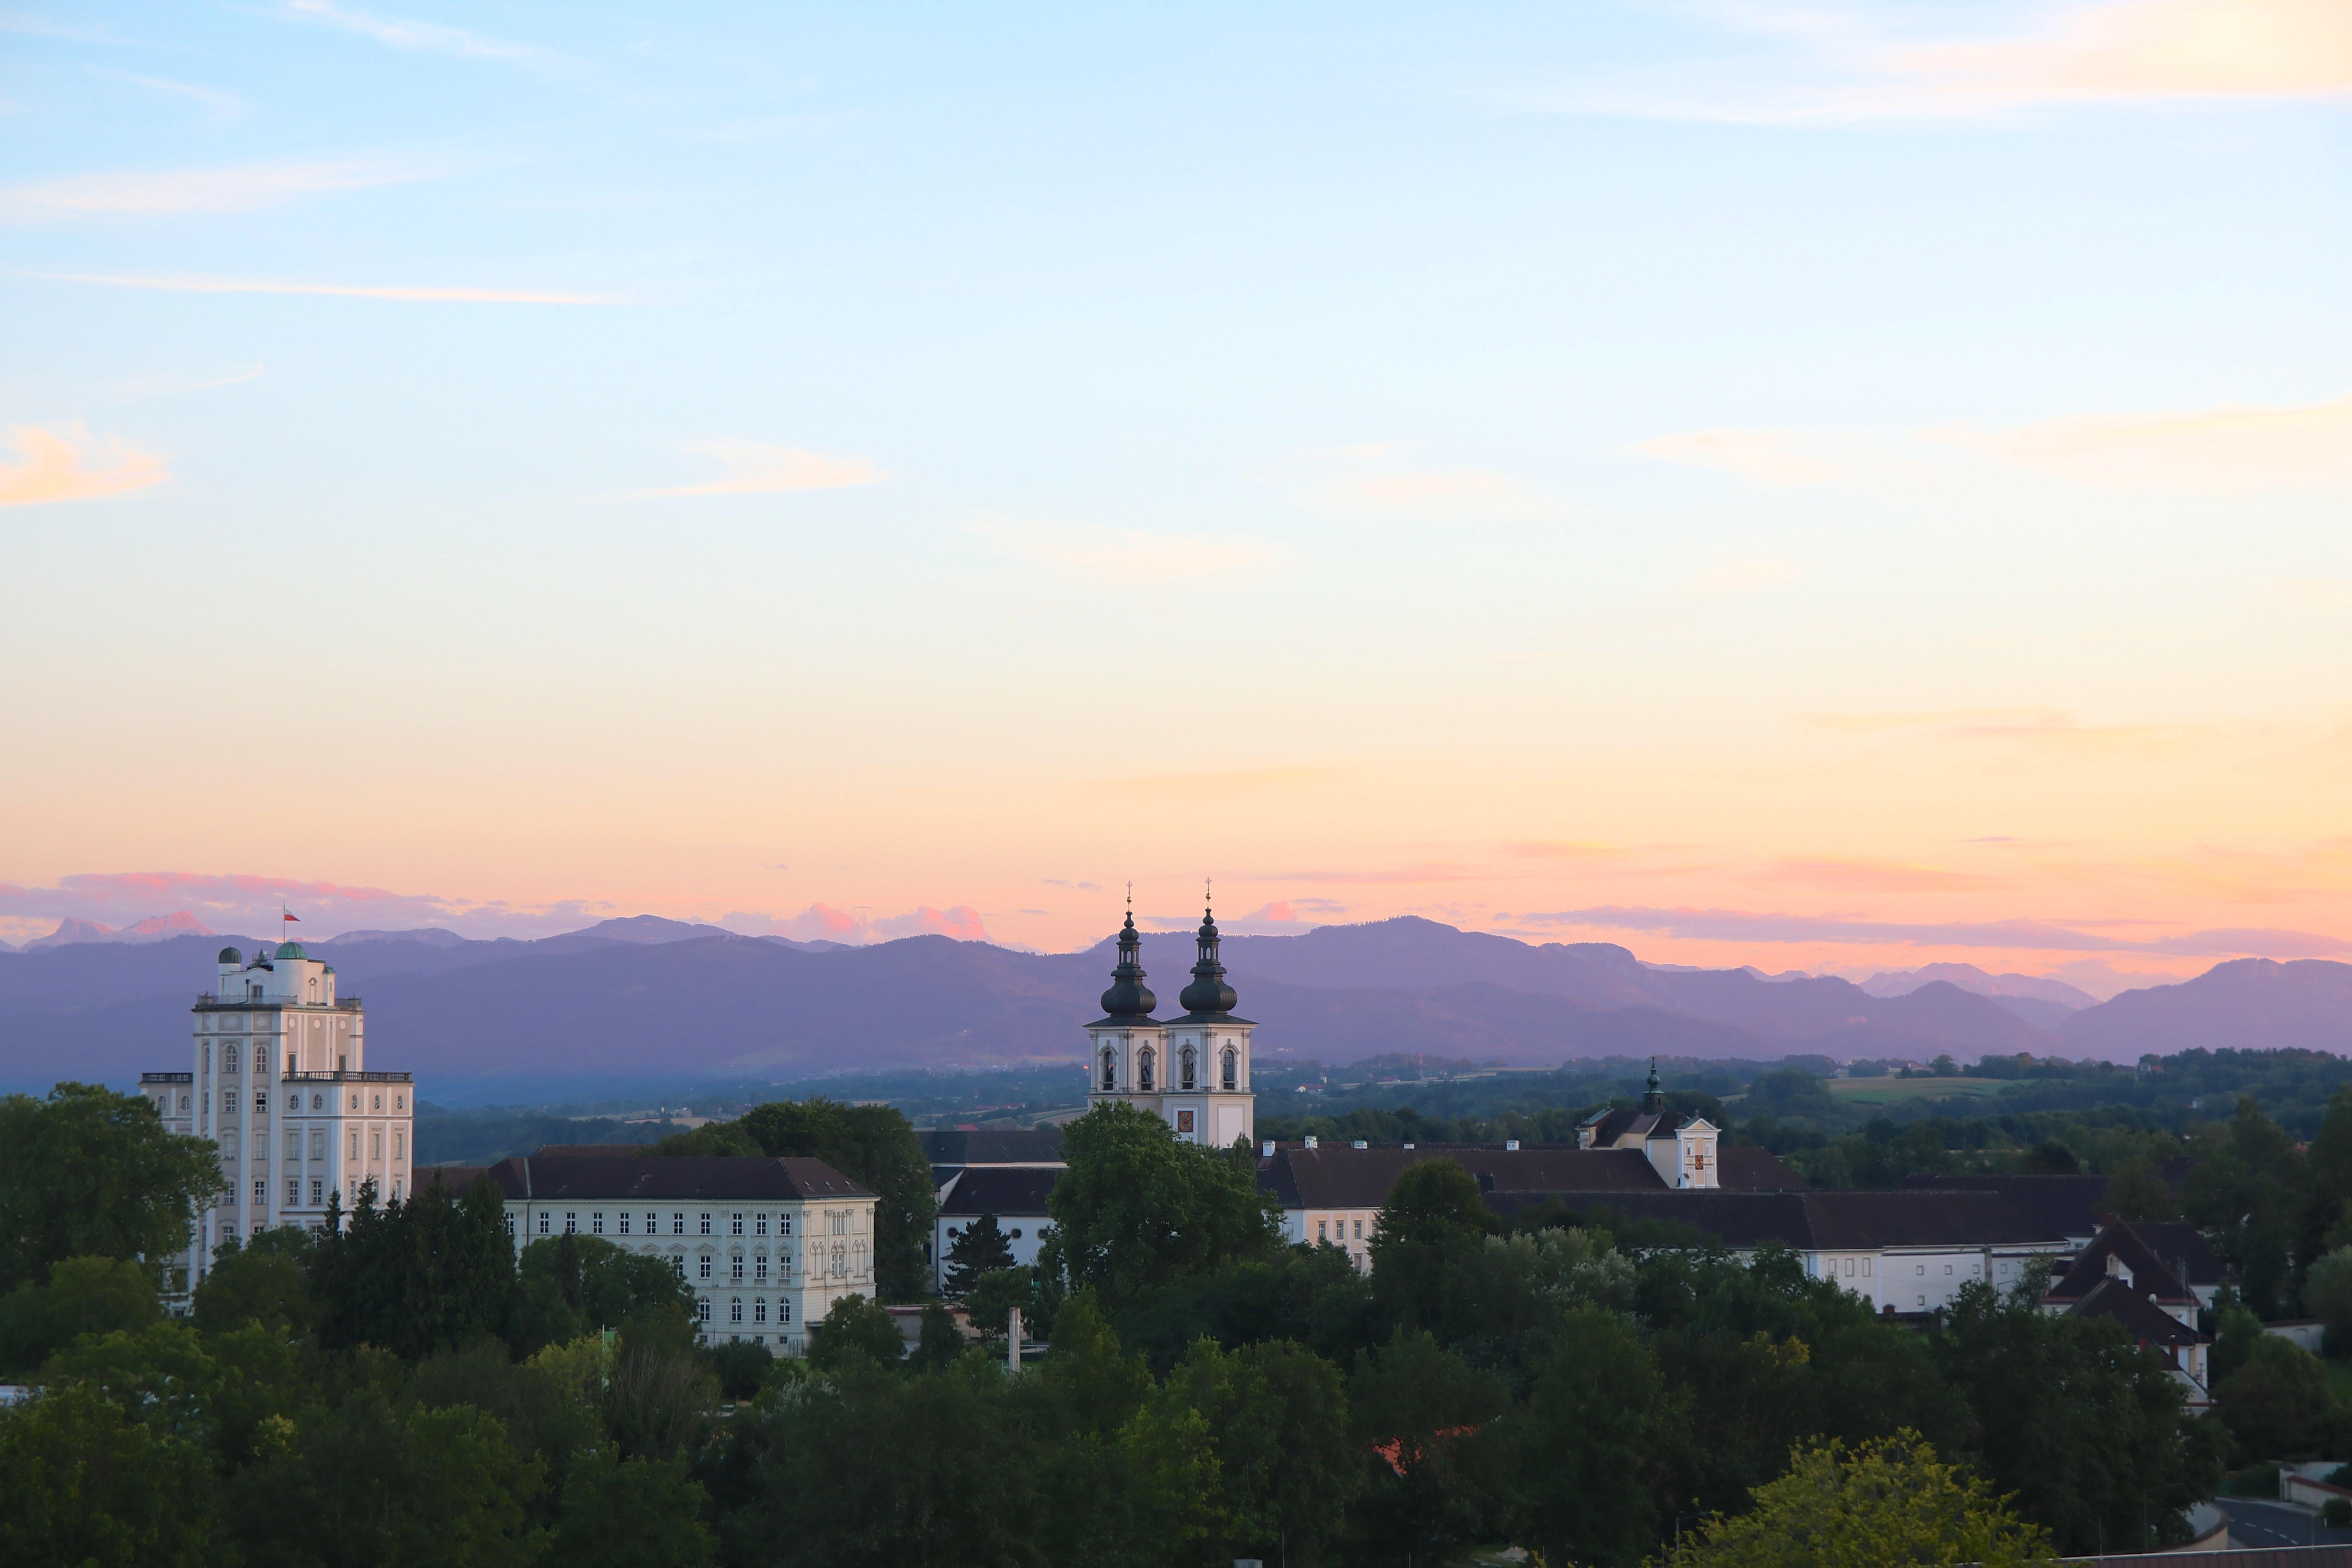 klostret i kremsmünster är Österrikes till ytan näst största kloster. till vänster i bild syns det höga stjärnobservatoriet